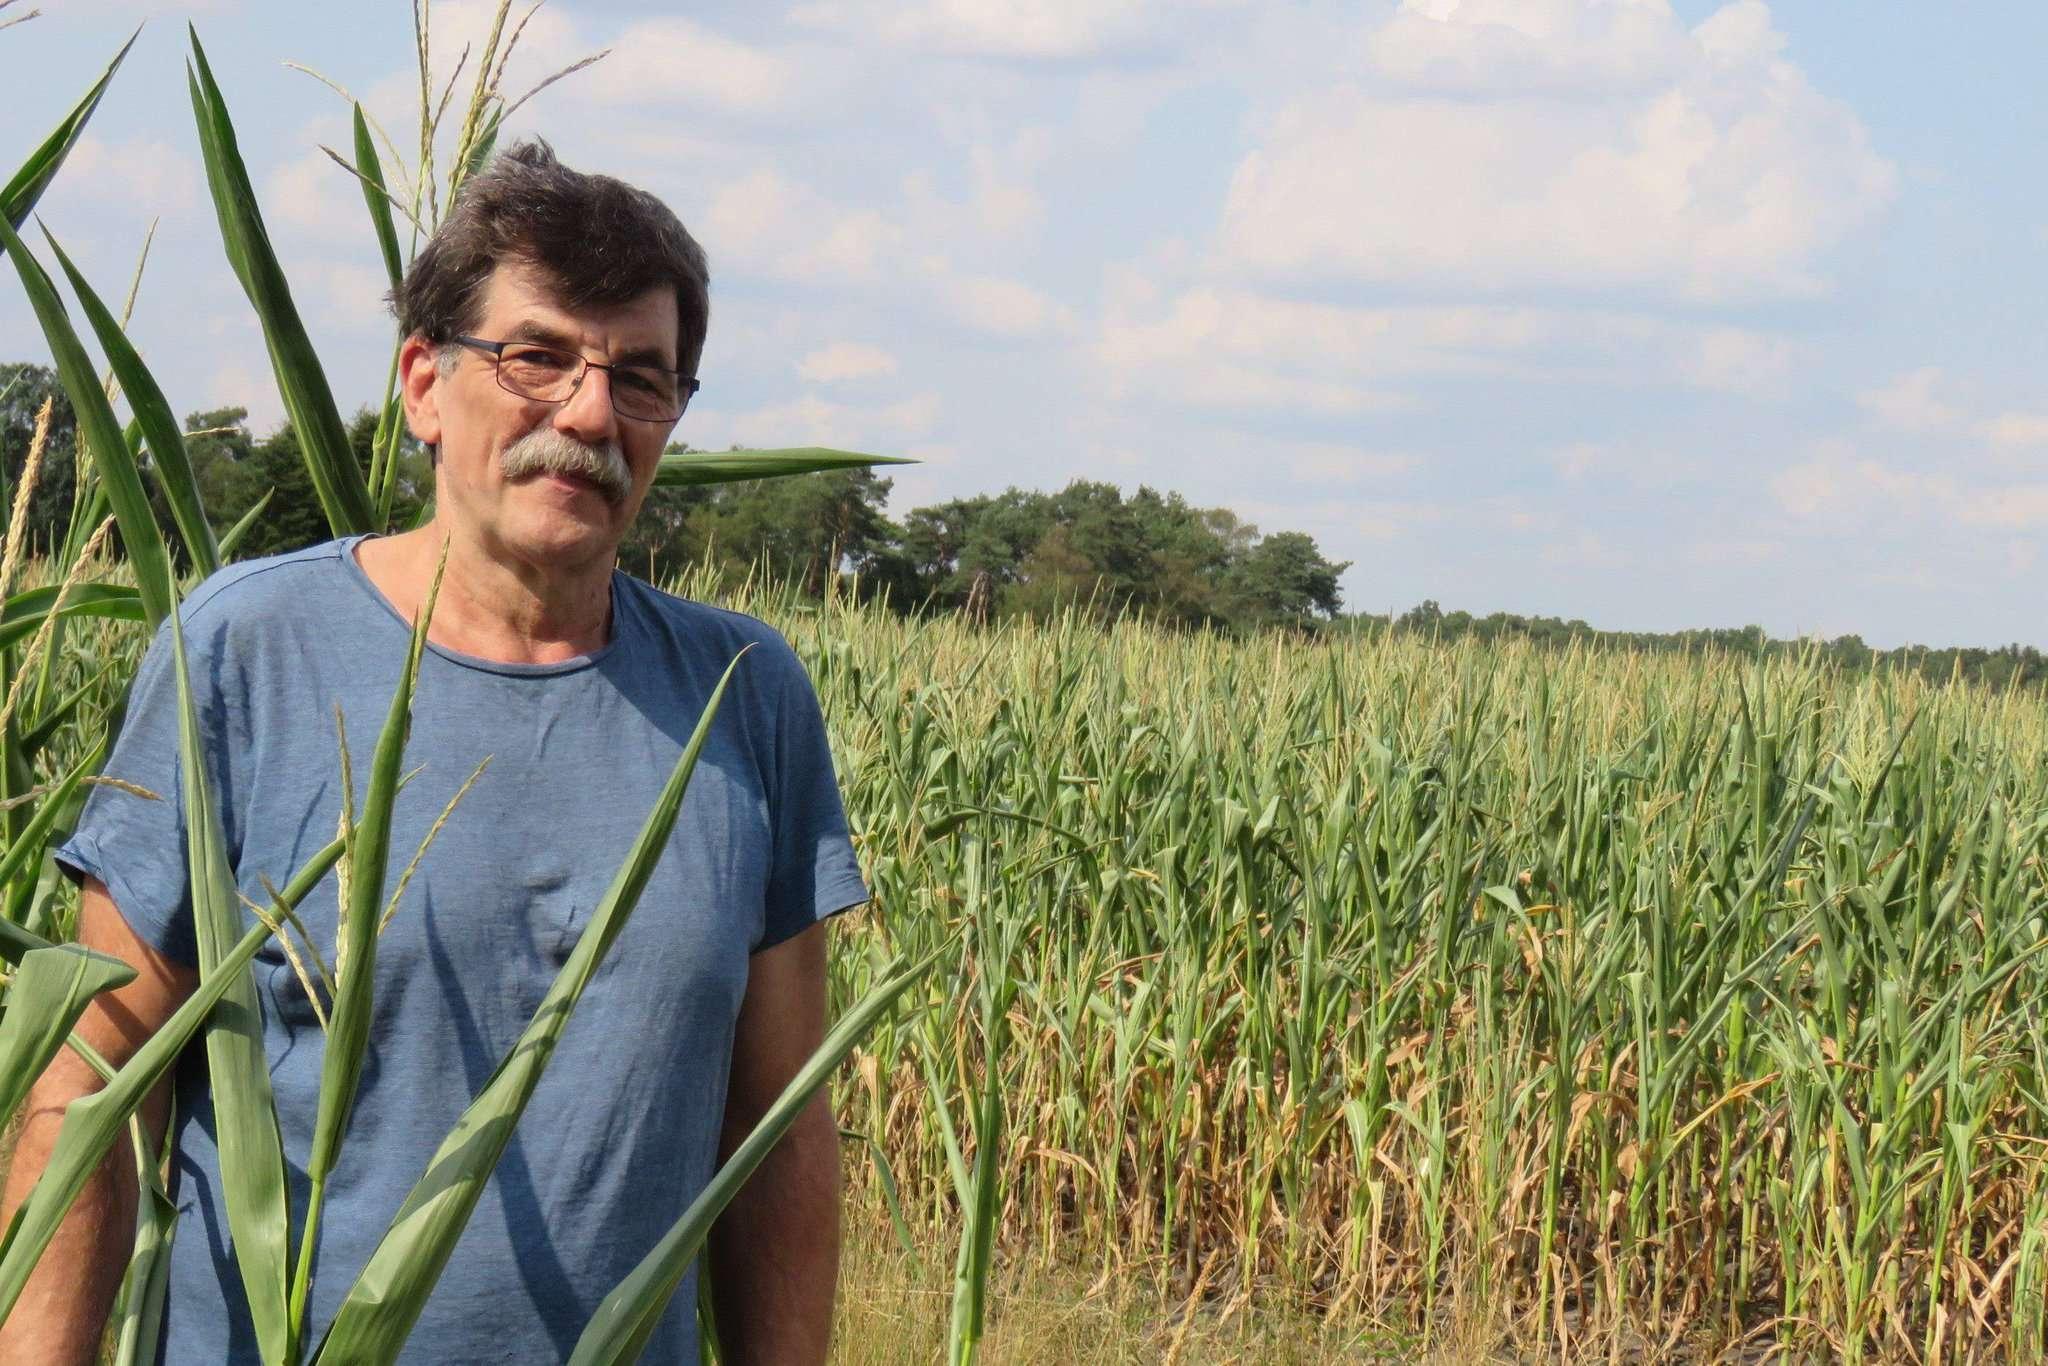 Peter Erfurt will mithilfe einer Bürgerblumenwiese die Monokultur durchbrechen und so Lebensraum sowie Nahrung für Insekten schaffen. Er sucht Pächter für das Projekt.